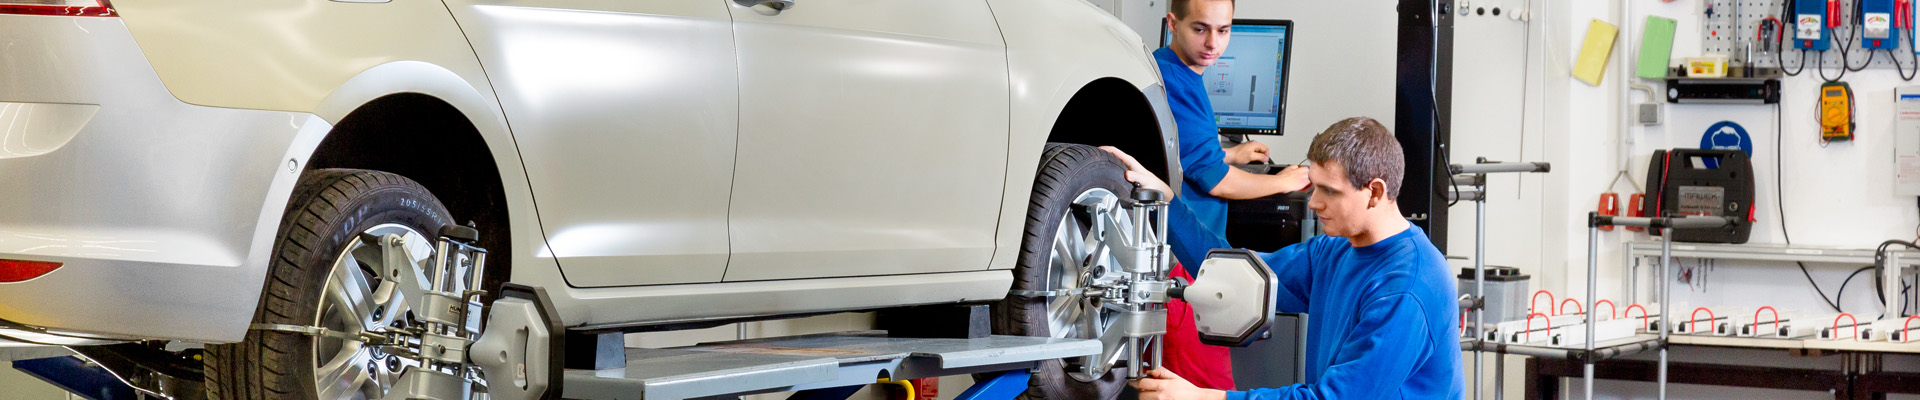 Volkswagen Bildungsinstitut: Ausbildung: Unternehmen